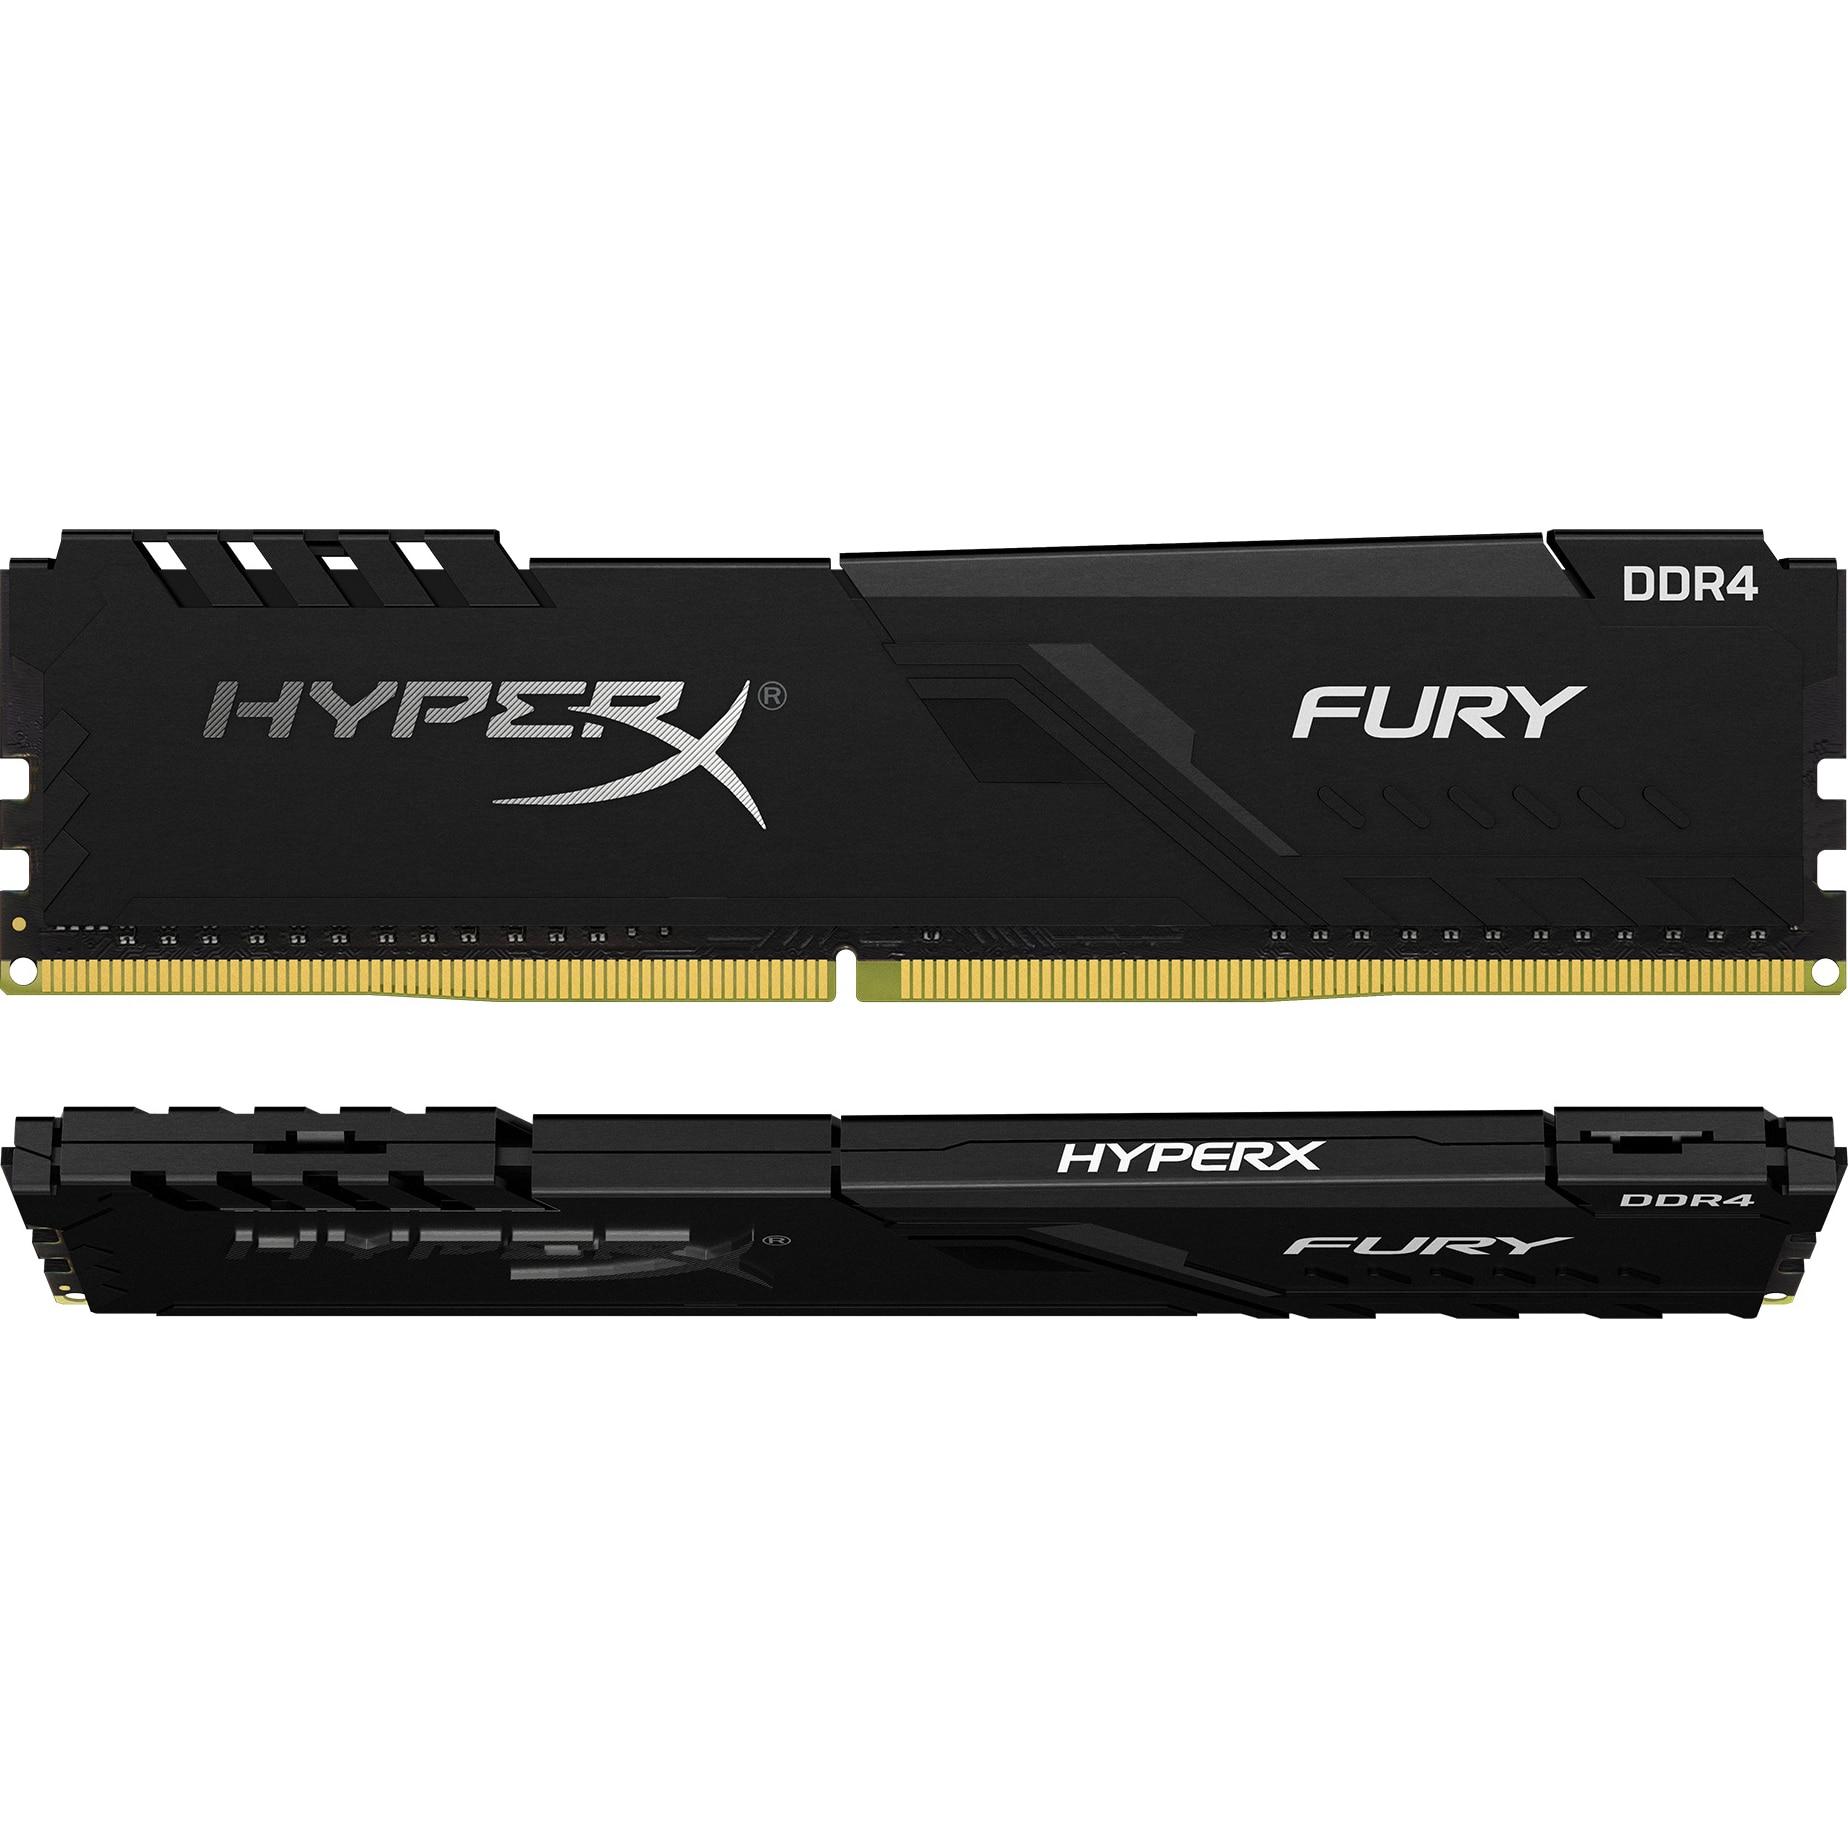 Fotografie Memorie HyperX Fury Black 8GB (2x4GB), DDR4, 2400MHz, CL15, 1.2V